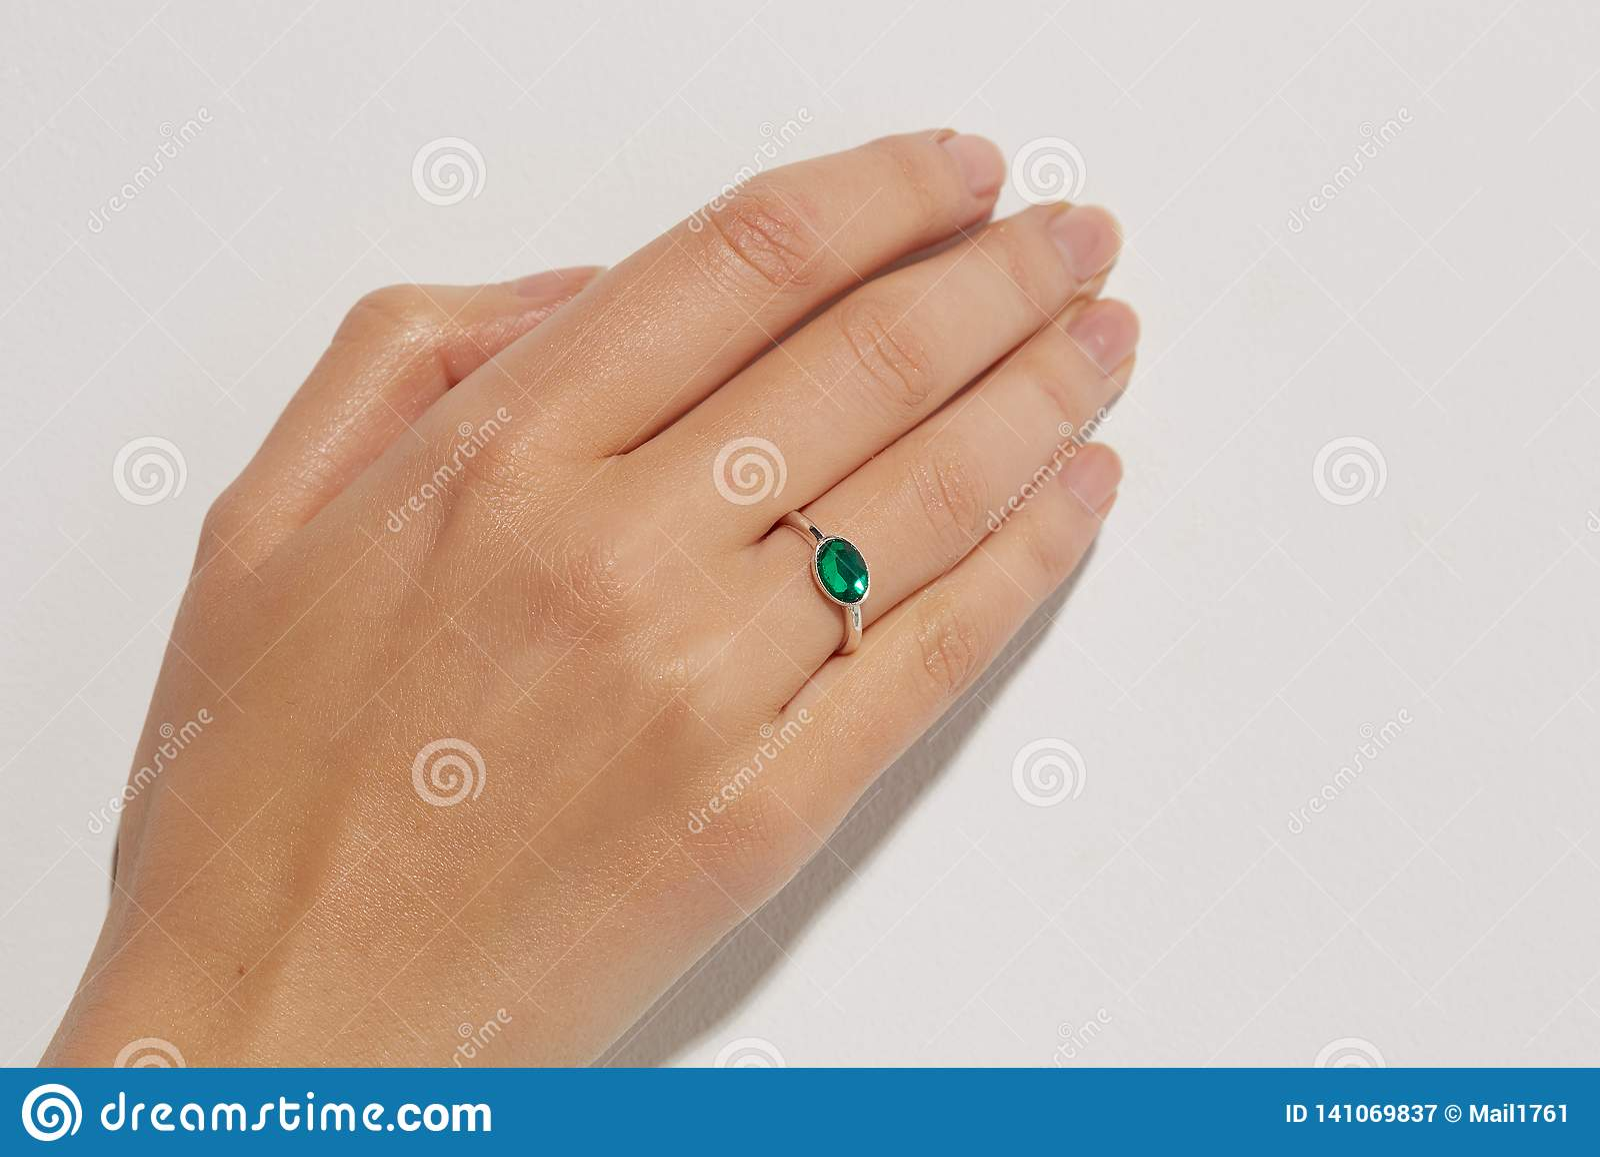 La mano de una mujer con un anillo